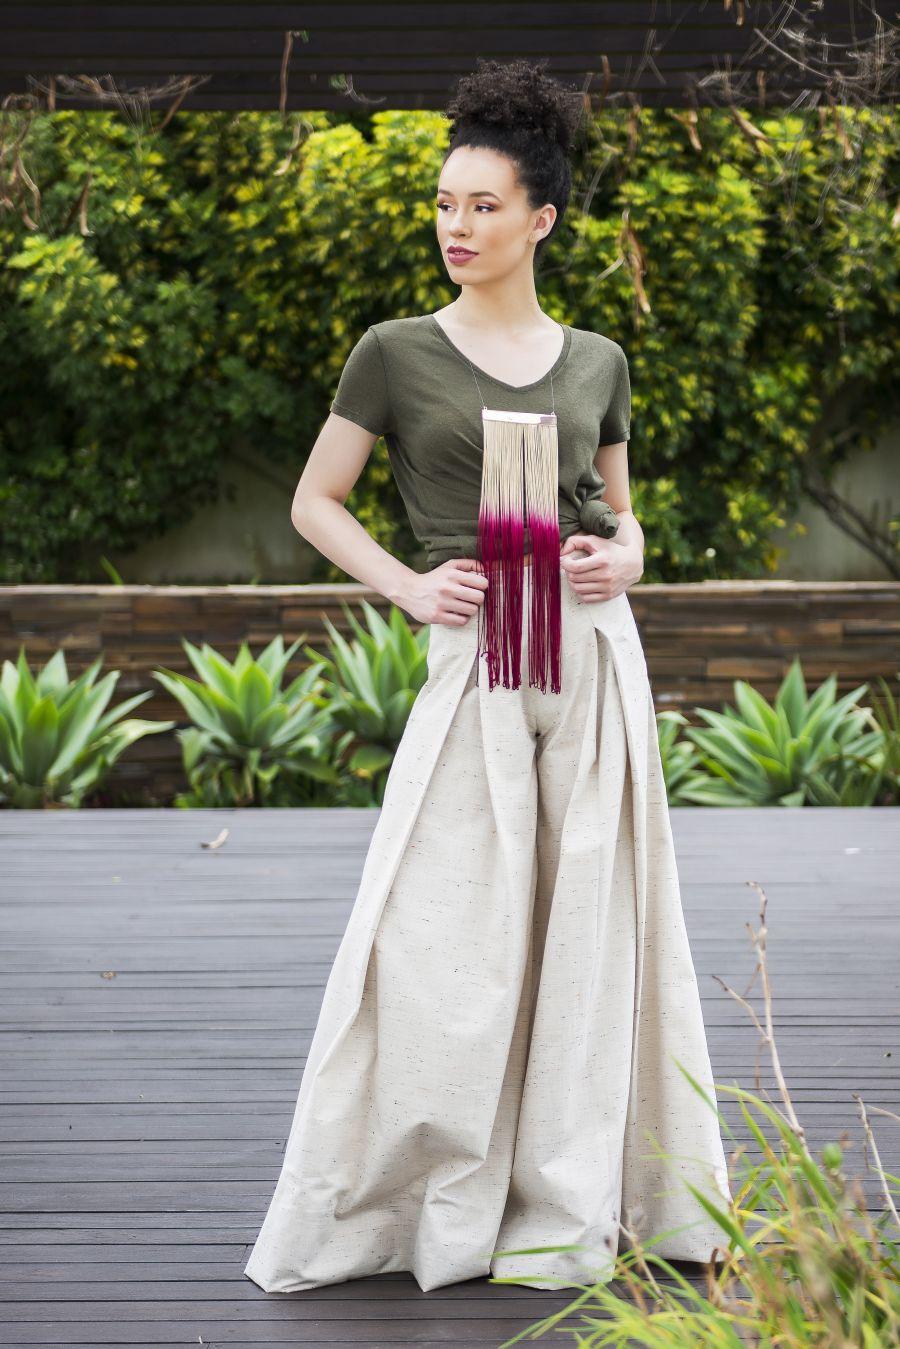 Calça pantalona é uma opção para ser usada com camiseta e deixar a produção menos básica. Foto: Letícia Akemi/Gazeta do Povo.